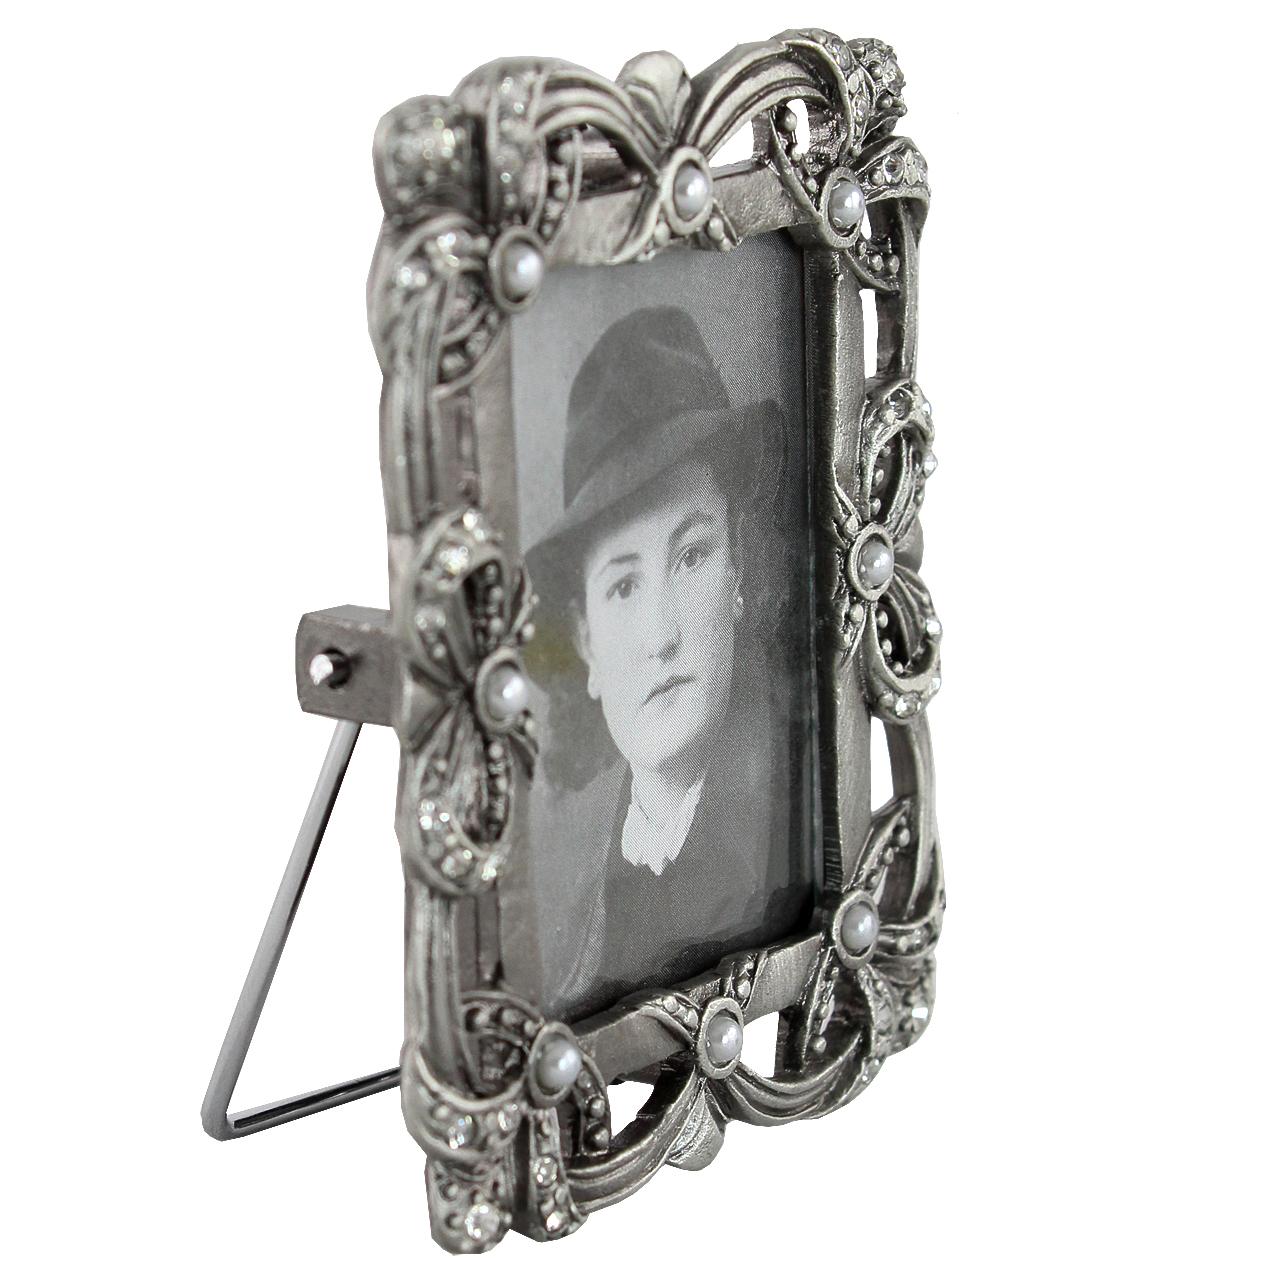 Rama Foto Dreptunghiulara Din Metal Argintiu Cu Pietre 7x5.5 Cm